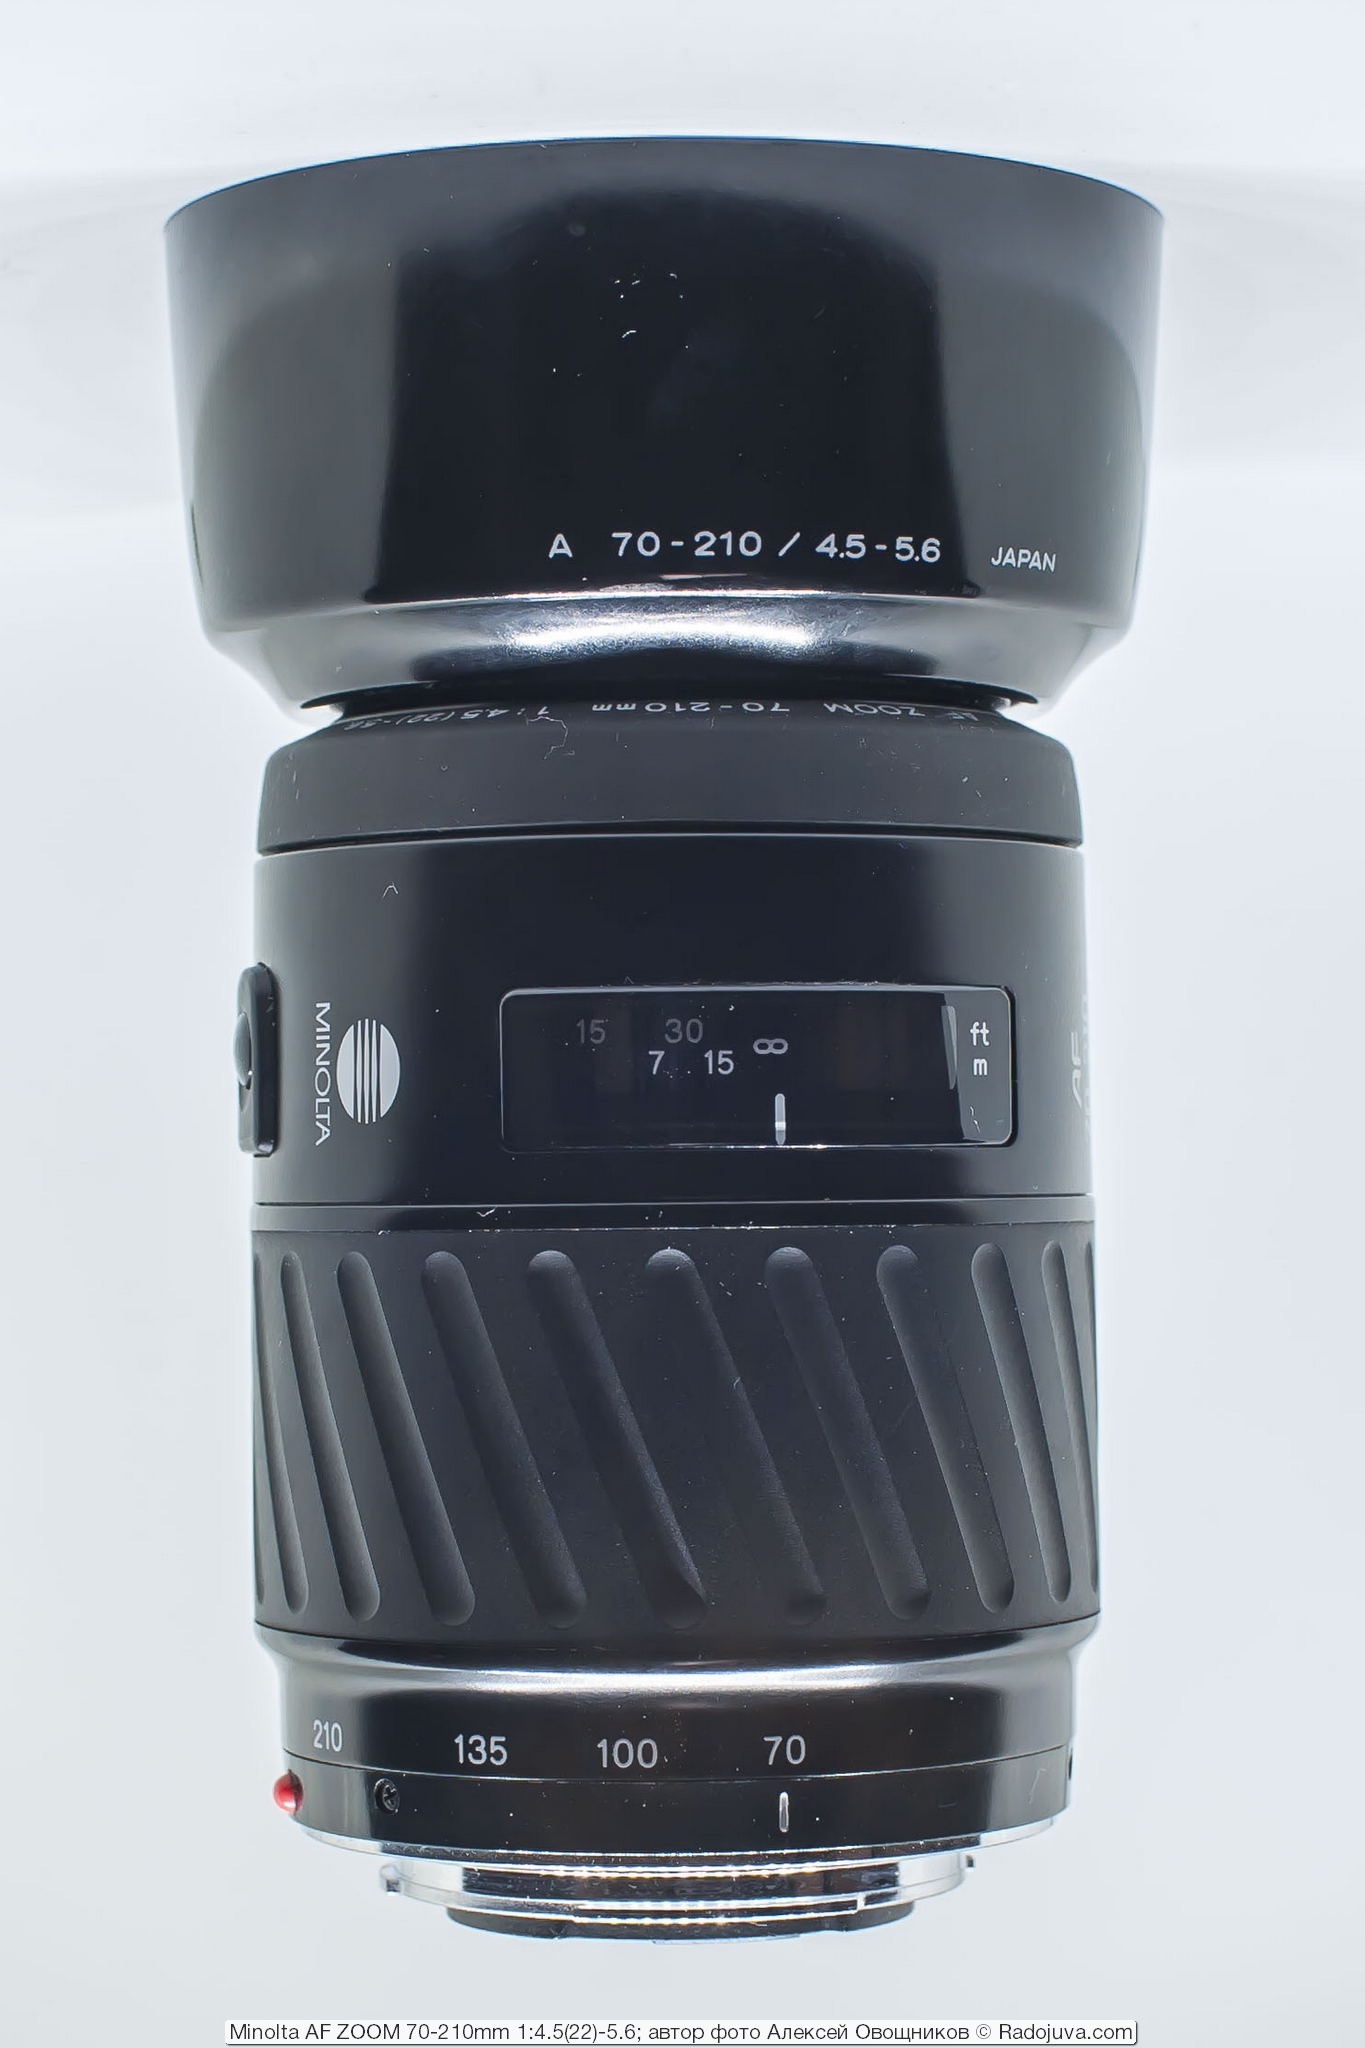 Minolta AF ZOOM 70-210mm 1:4.5(22)-5.6